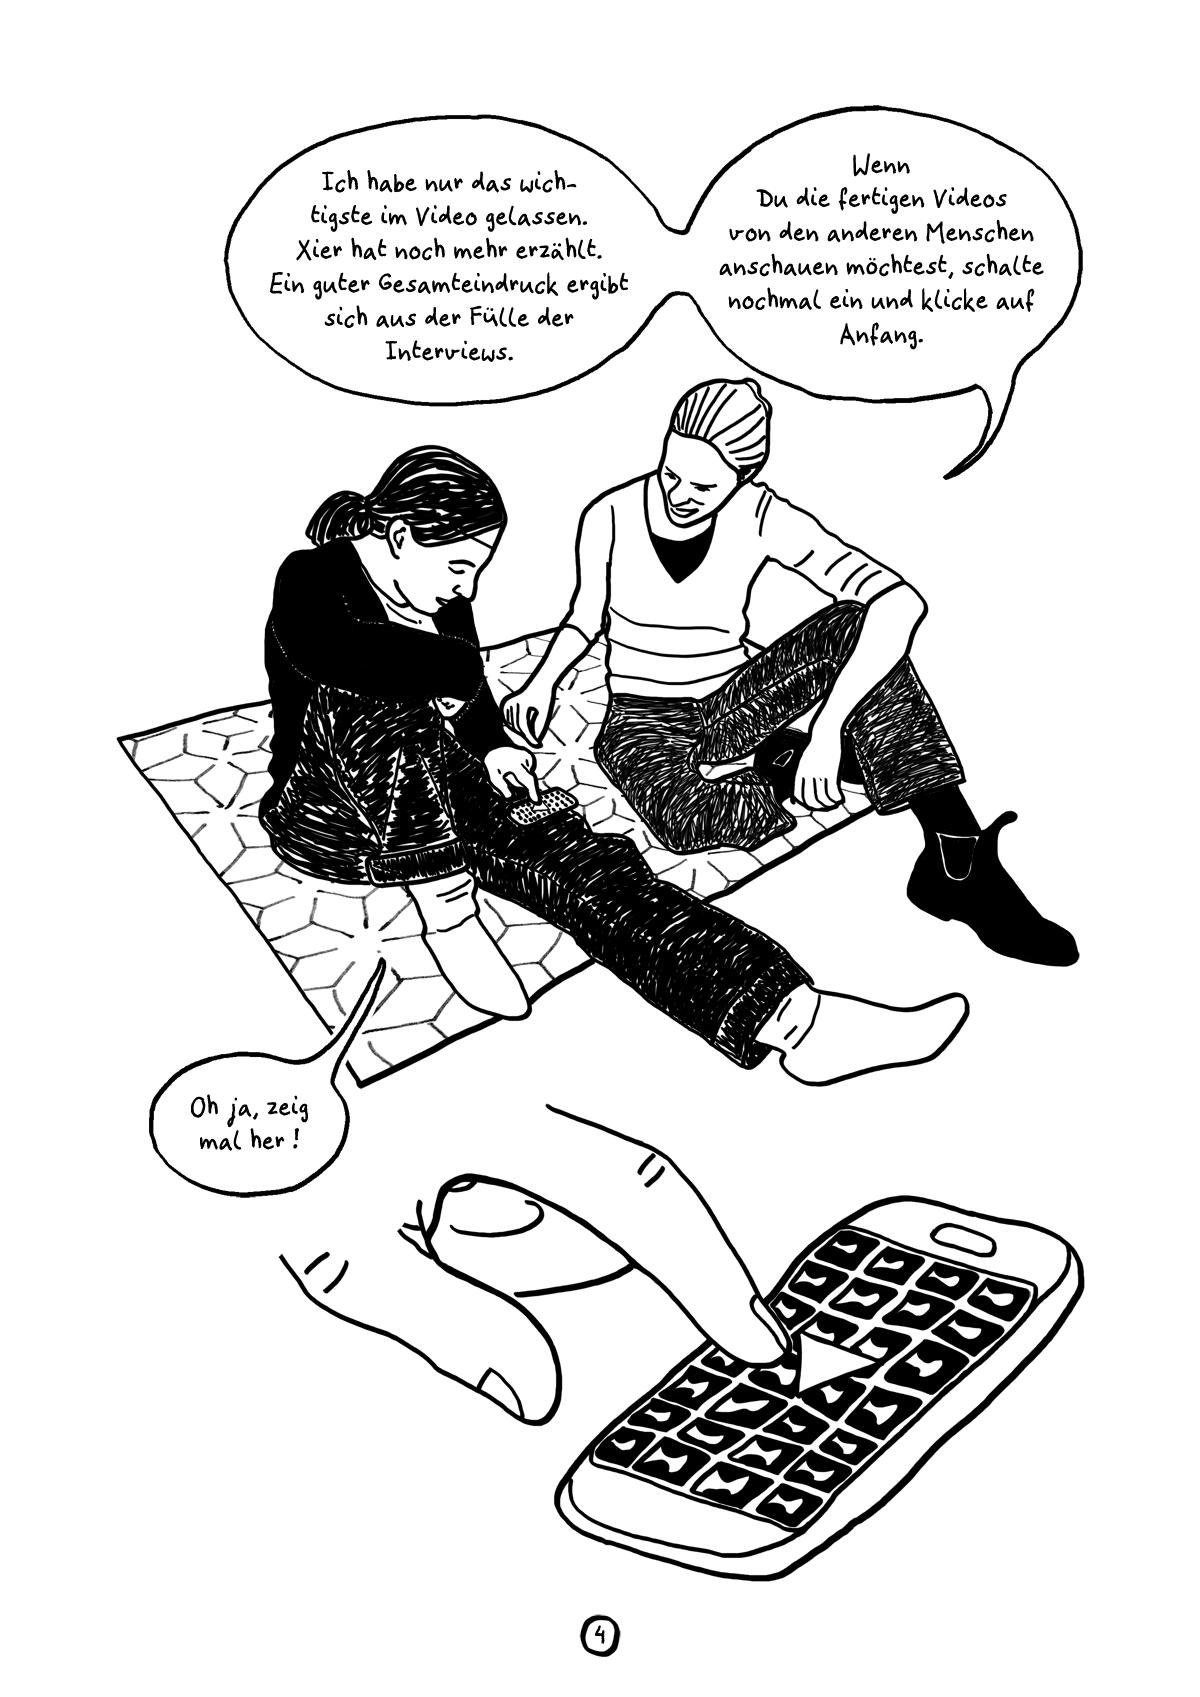 Comiczine Unterdruckarchiv, das ganze Comic wird im folgenden in reinen Text transkribiert